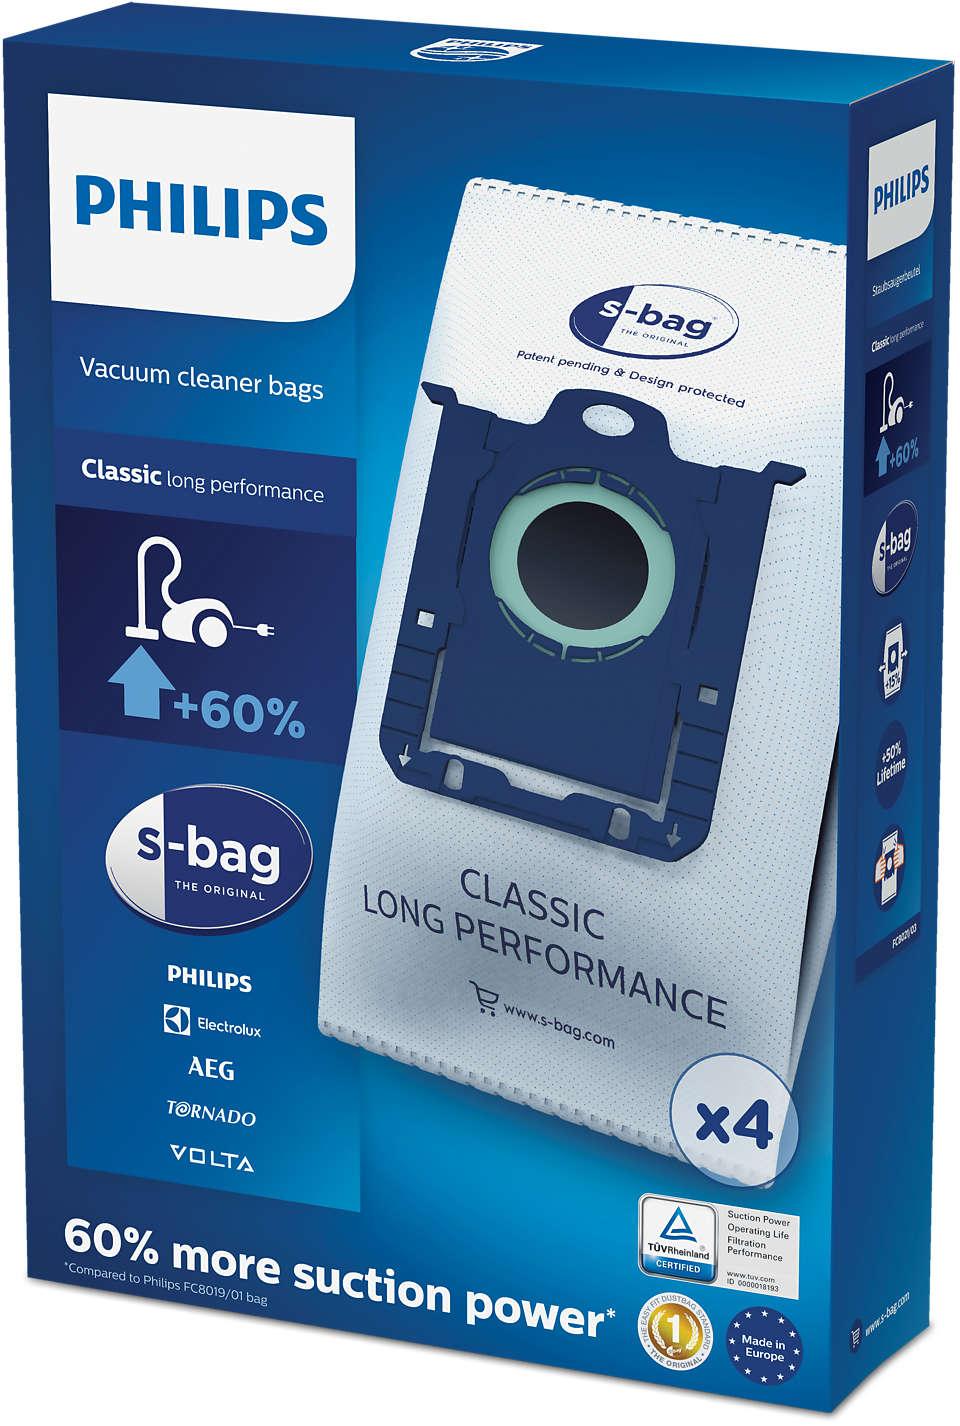 Vrečka s-bag® Classic z dolgo življenjsko dobo